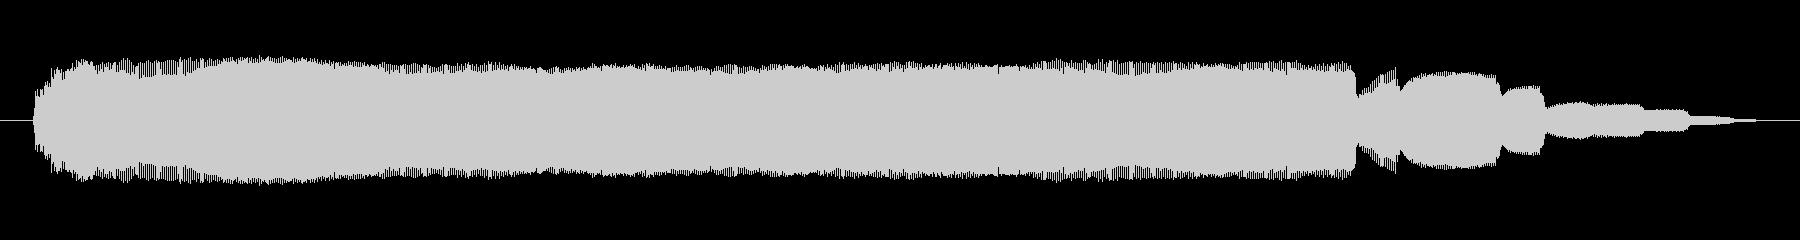 シンセサイザー 金属オルガンハイ01の未再生の波形